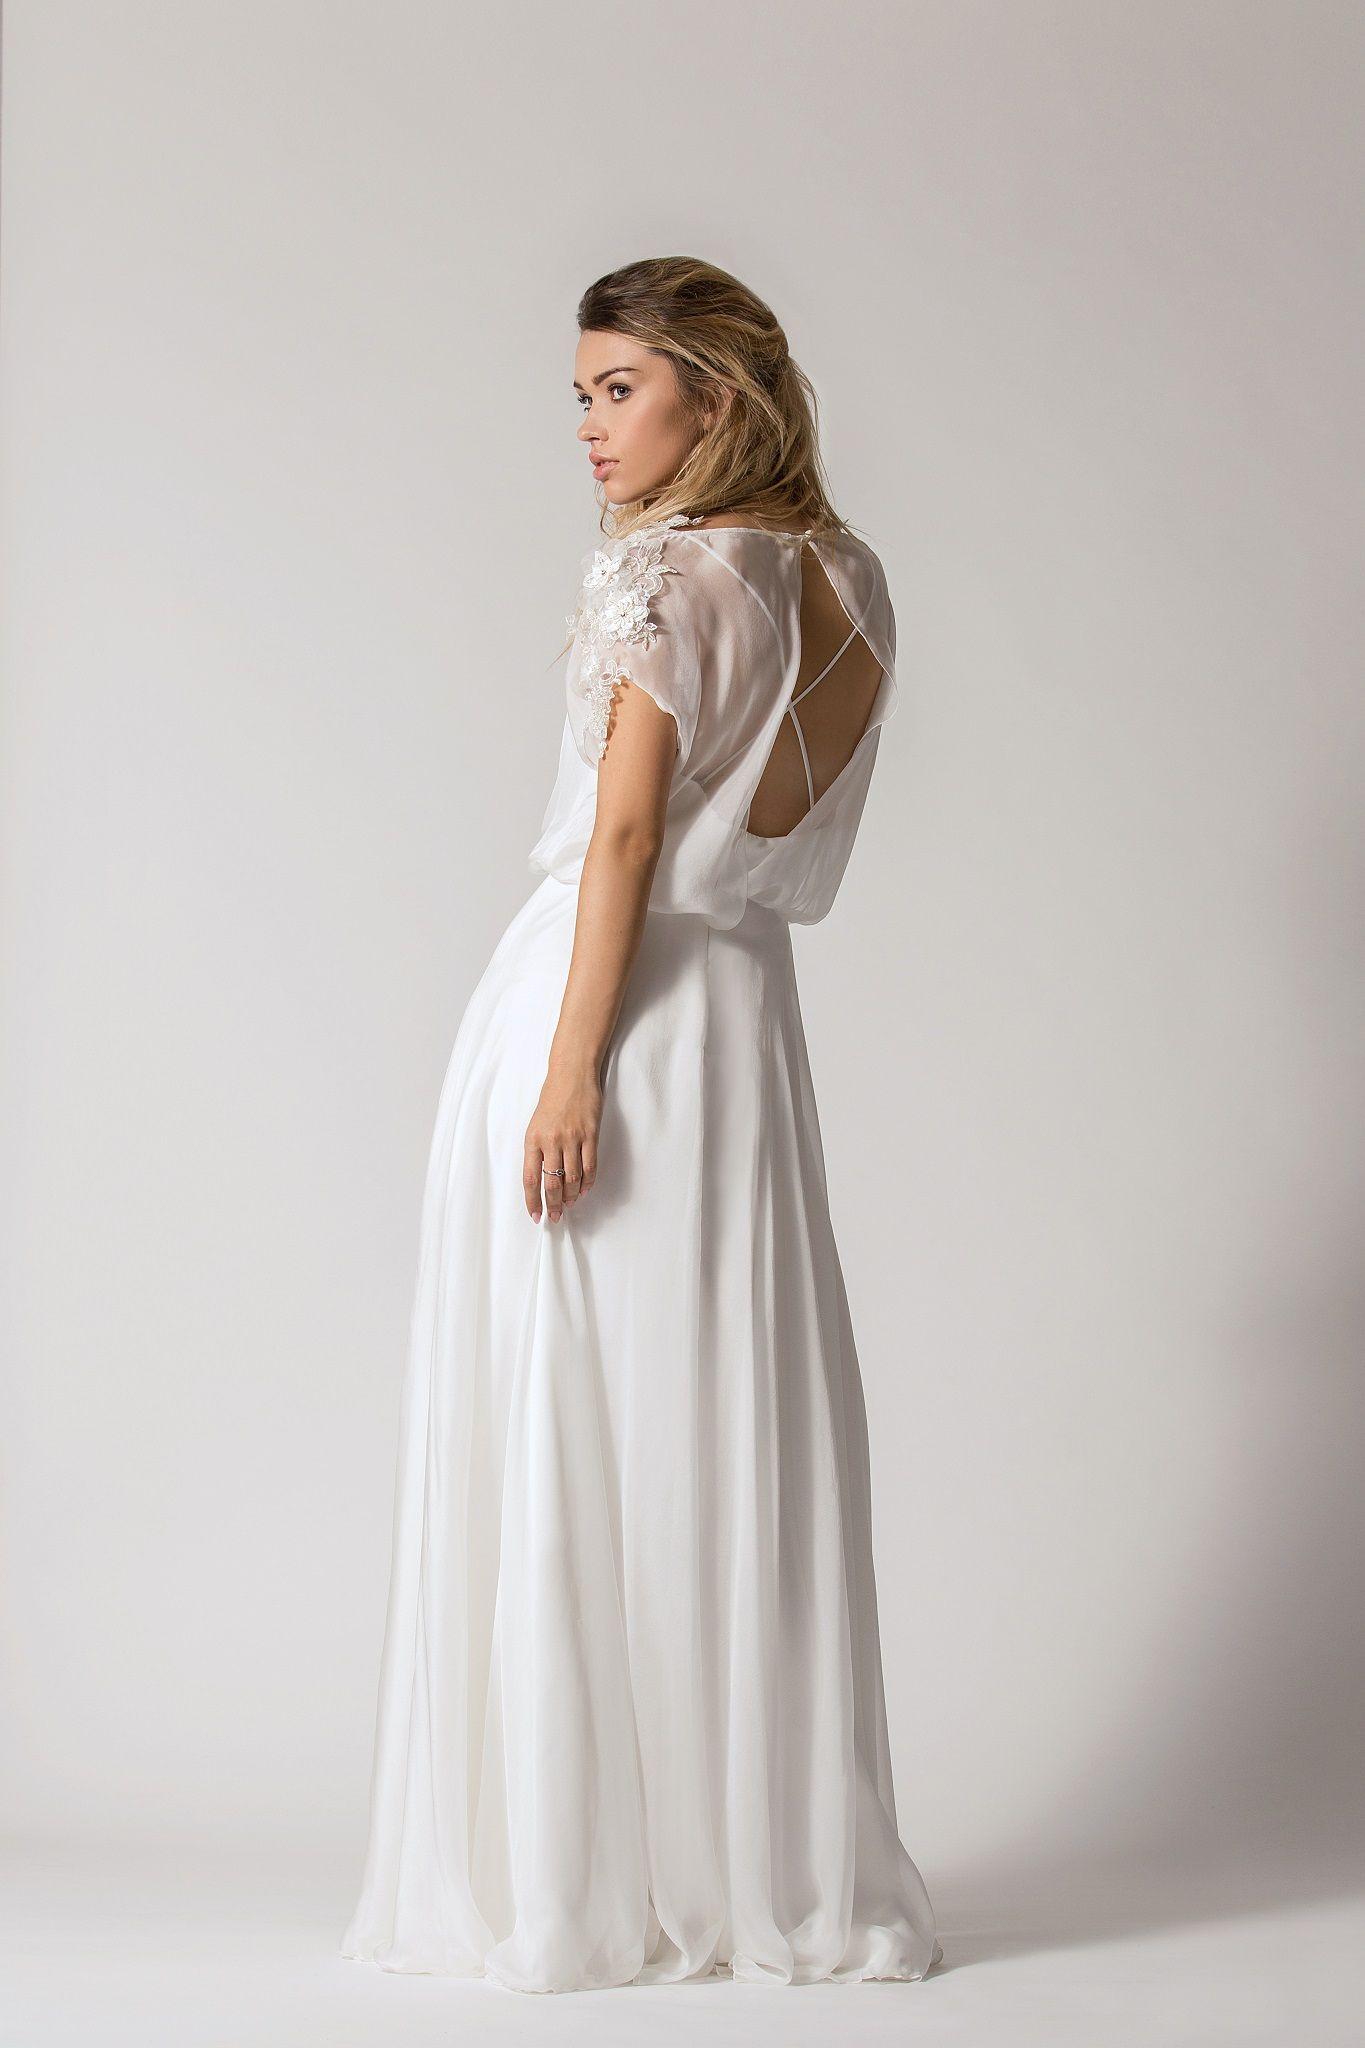 87d5c2e04b Przepiękna suknia ślubna z jedwabną spódnicą. Wierzchni top ma przepiękne  zdobienia na ramionach. Plecy na krzyż stanowią element zaskoczenia  )  Model  ...